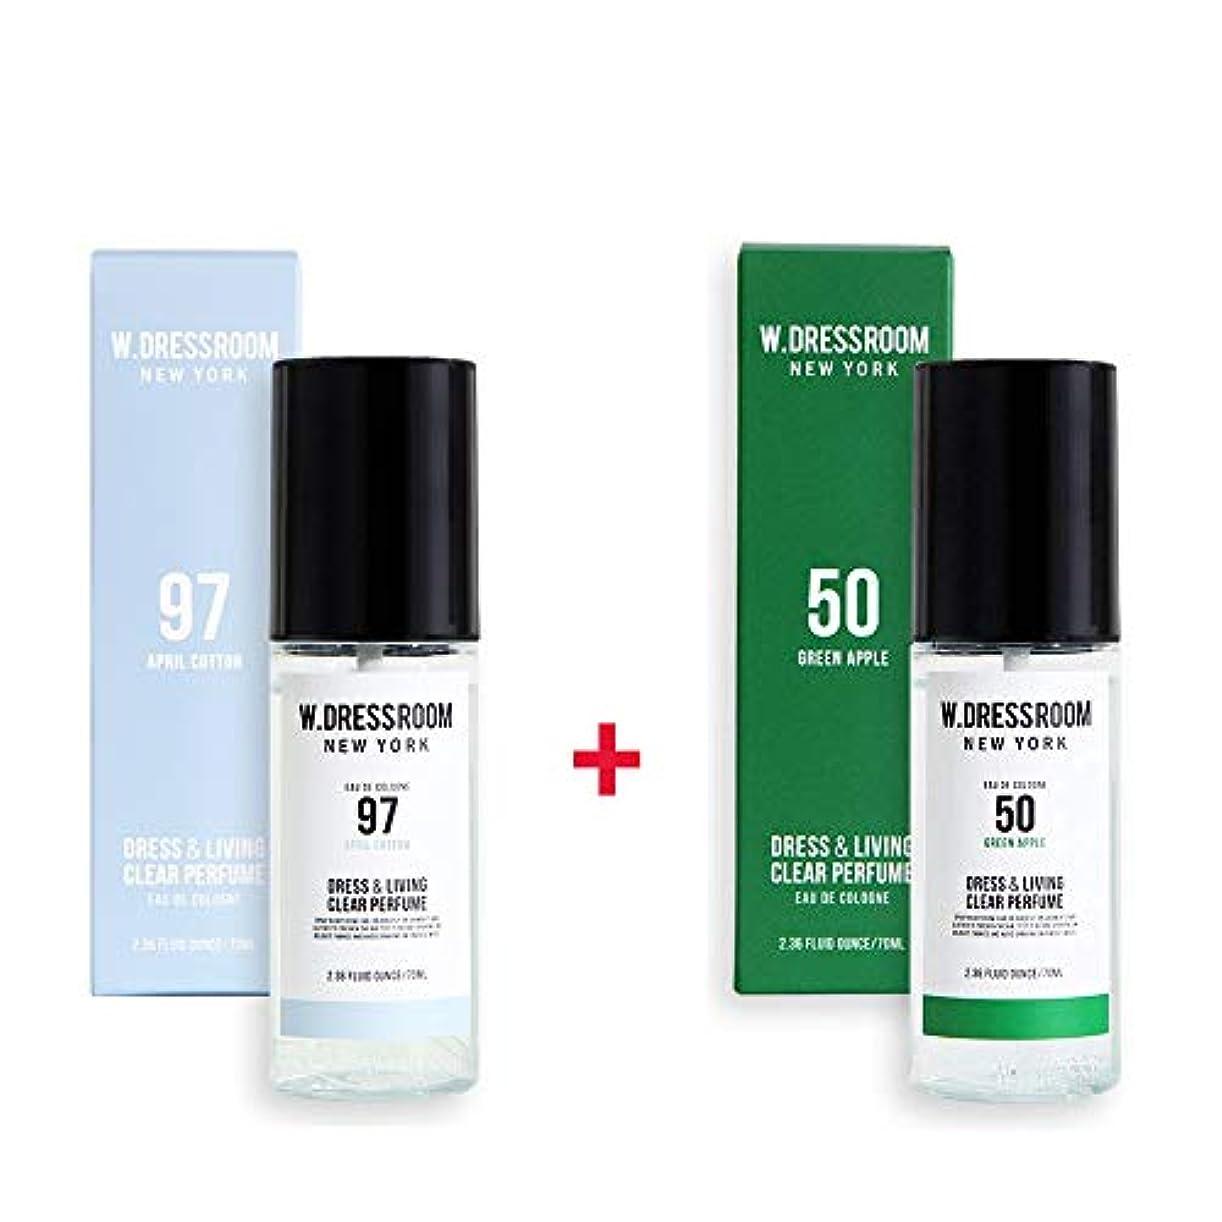 無し付添人薬W.DRESSROOM Dress & Living Clear Perfume 70ml (No 97 April Cotton)+(No 50 Green Apple)